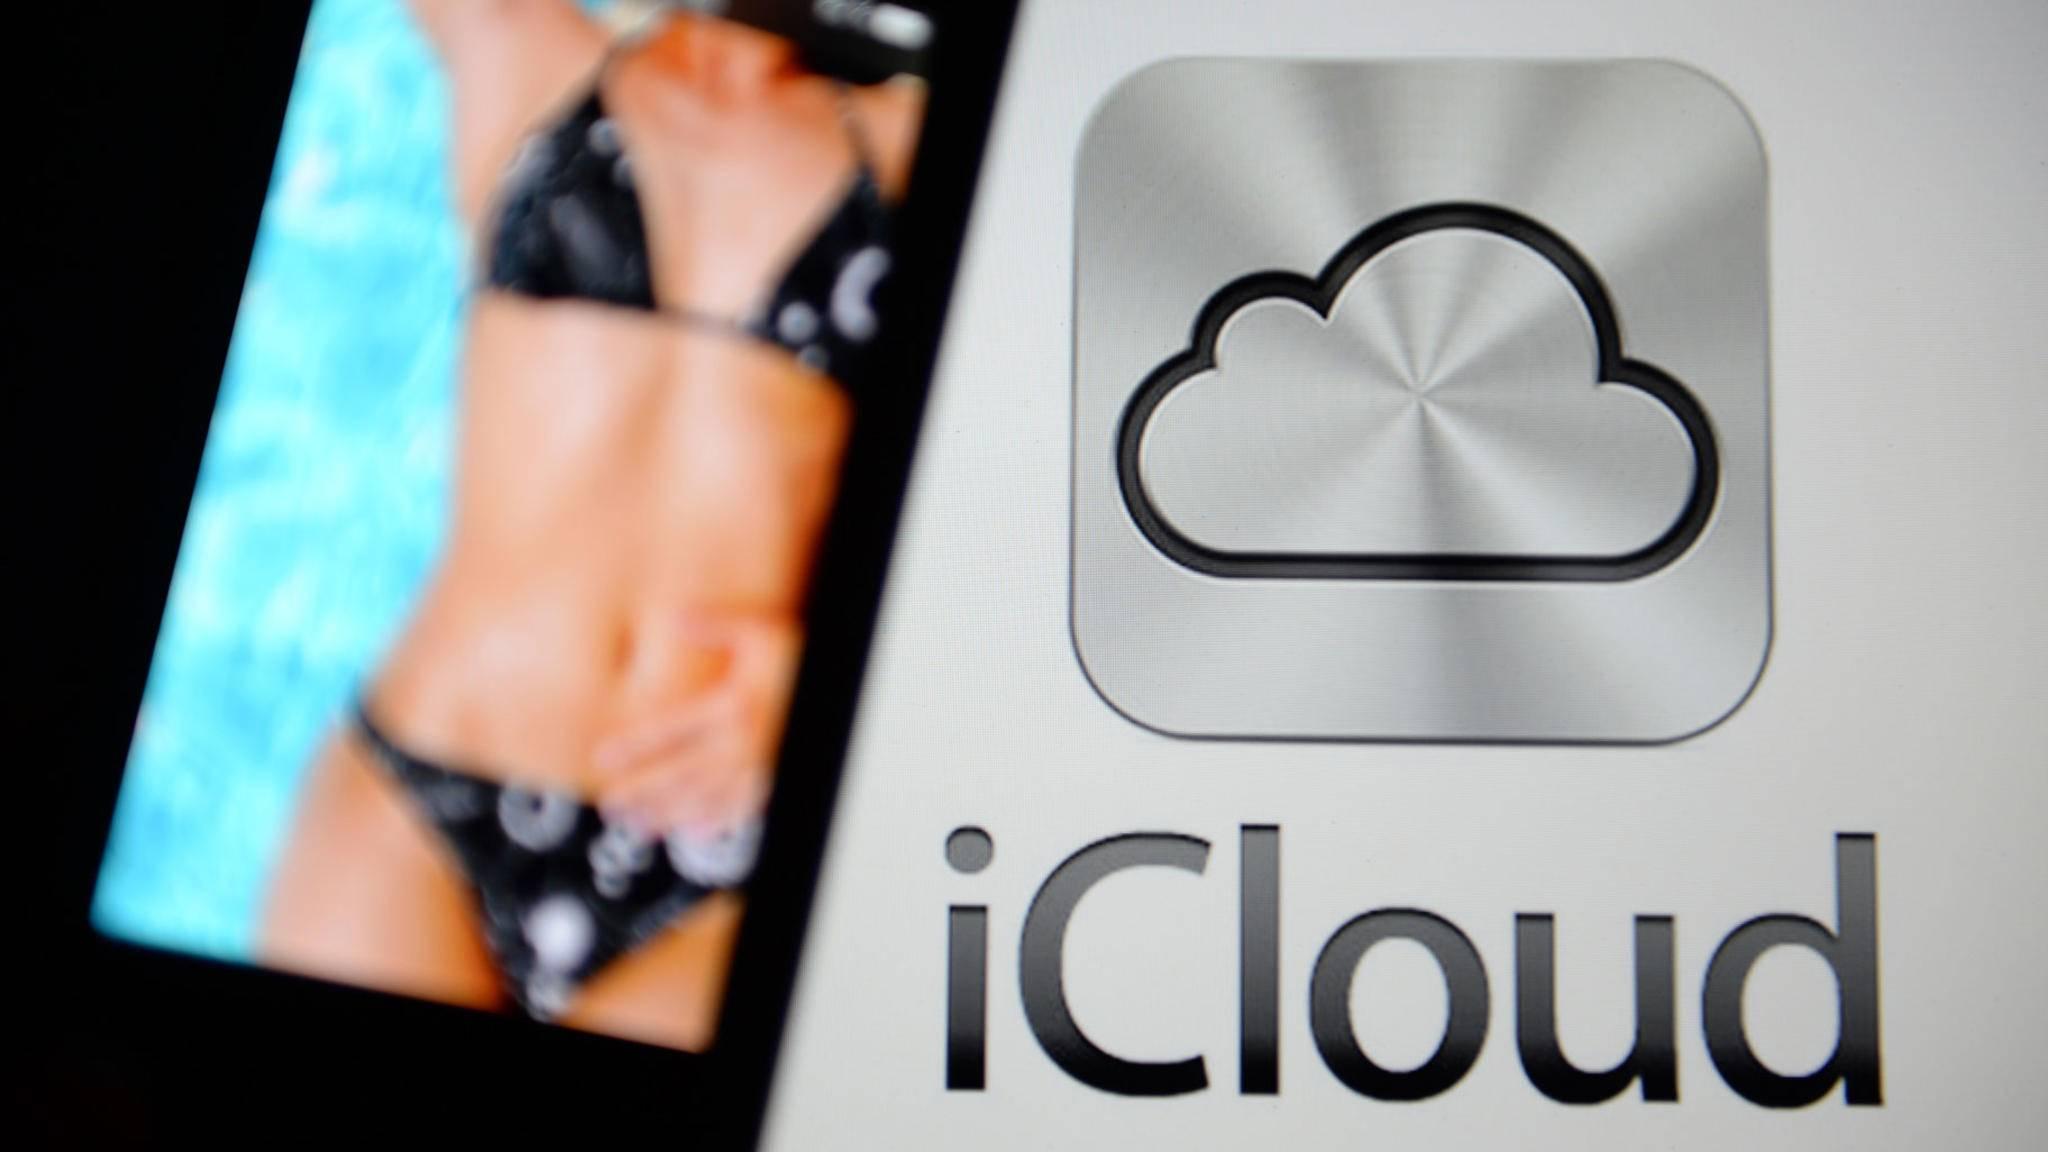 Manche Bilder sollten lieber privat bleiben und haben daher in iCloud nichts zu suchen.